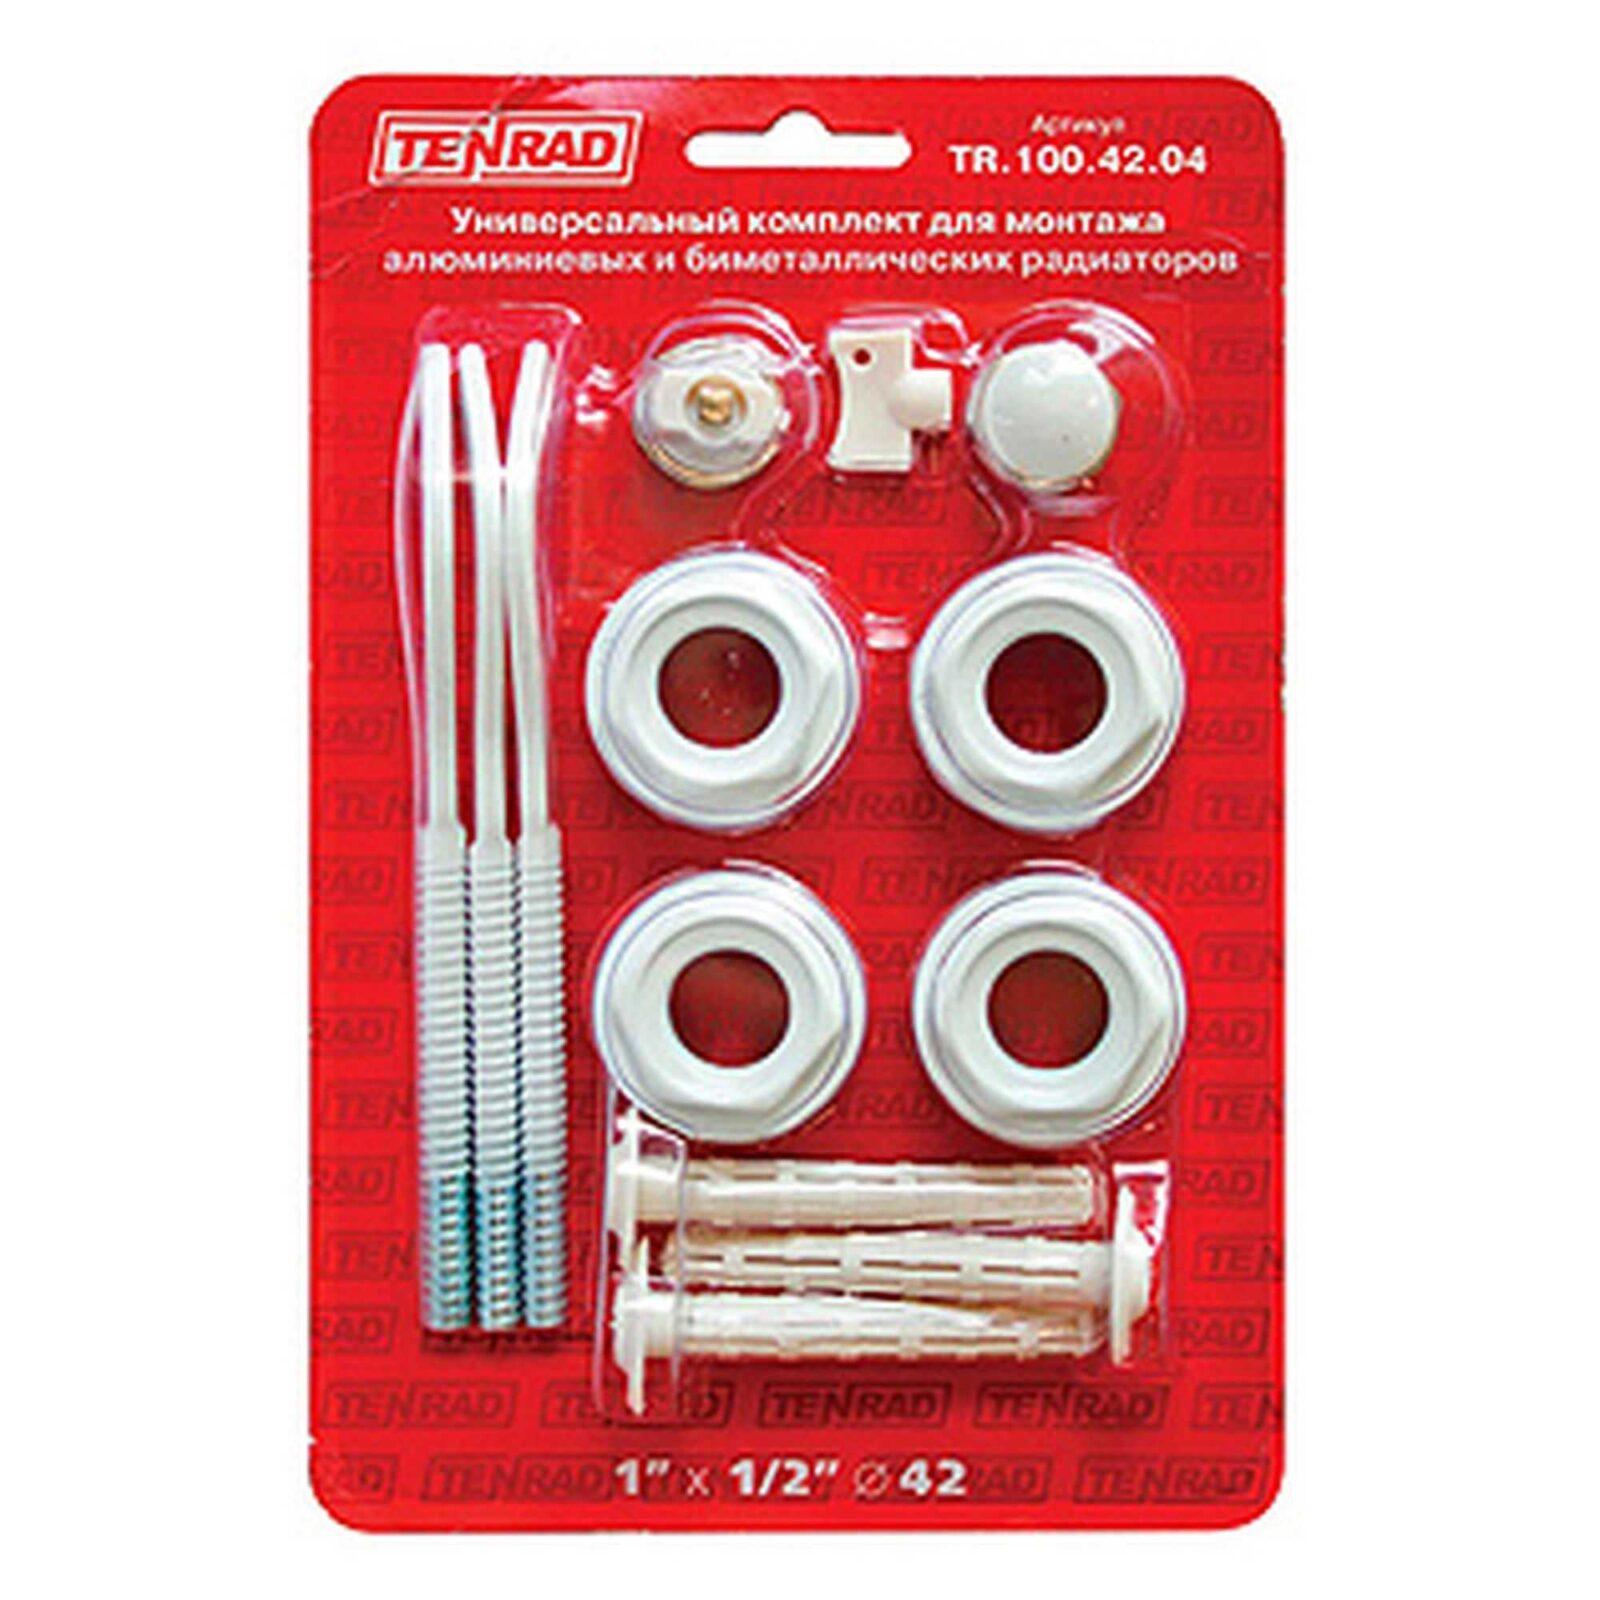 """Комплект универсальный 3/4"""" TENRAD для монтажа радиаторов с кронштейнами (пробка,3 кронштейна, воздухоотводчик, ключ для воздухоот.)"""